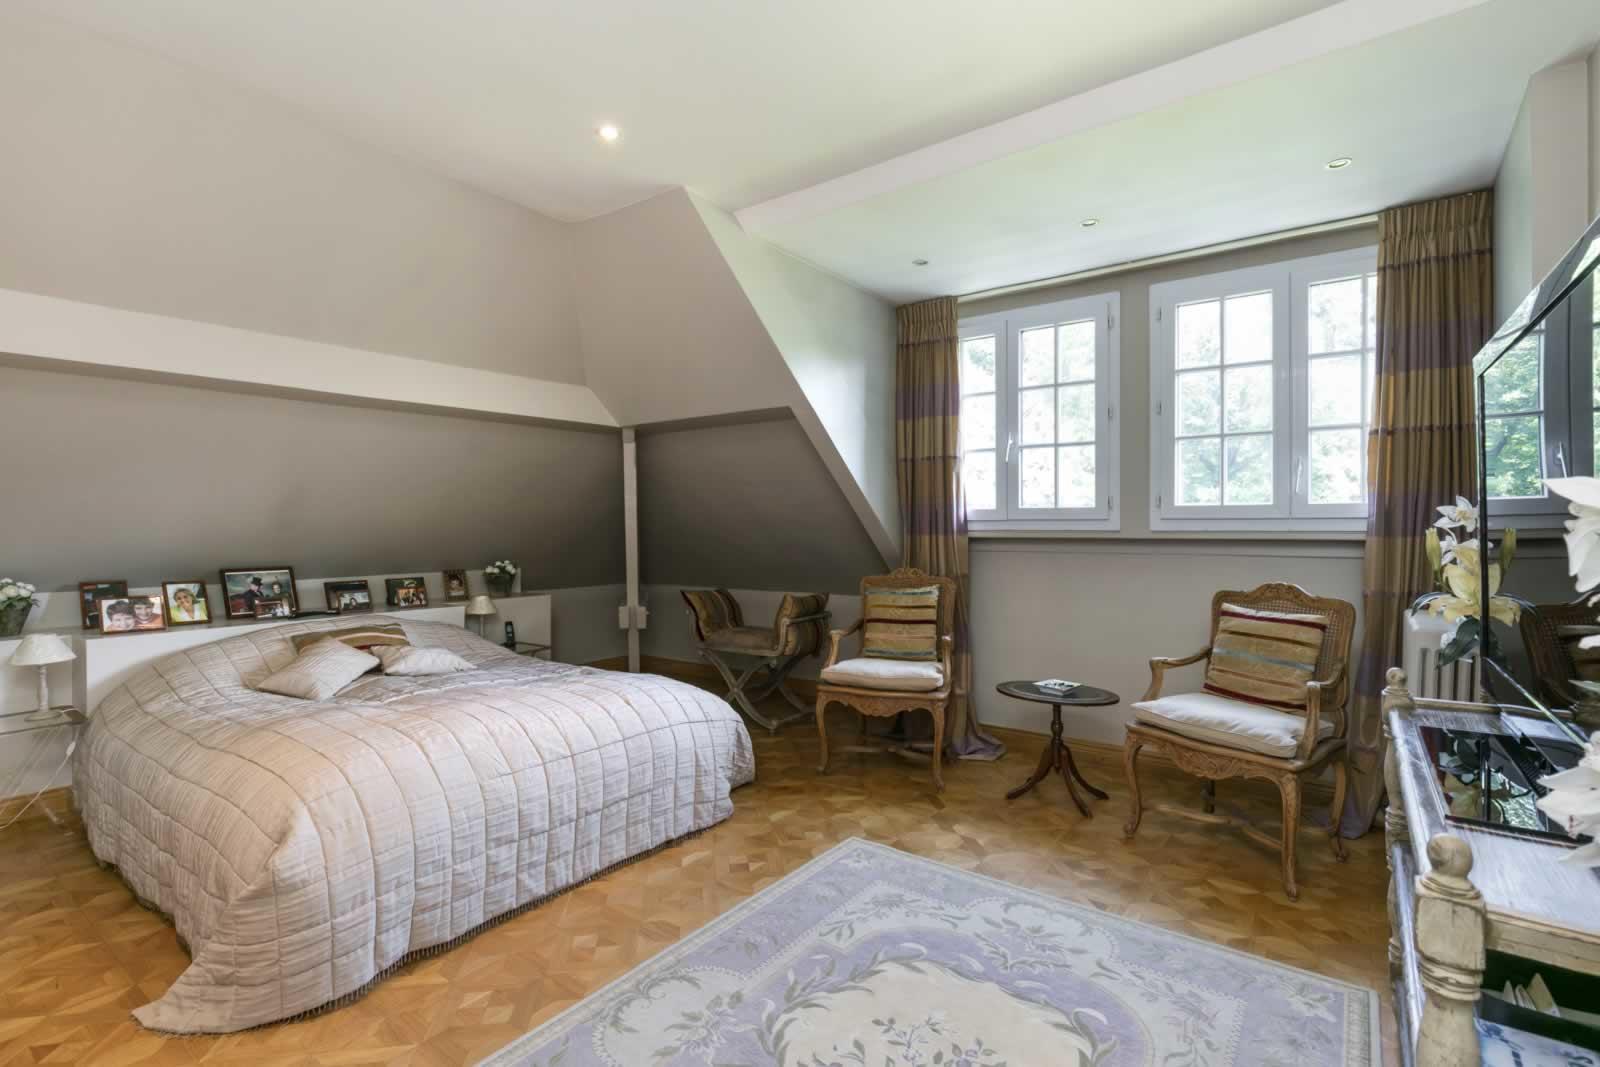 elegante-maison-familiale-a-vendre-rueil-malmaison-parc-piscine-garage-cave